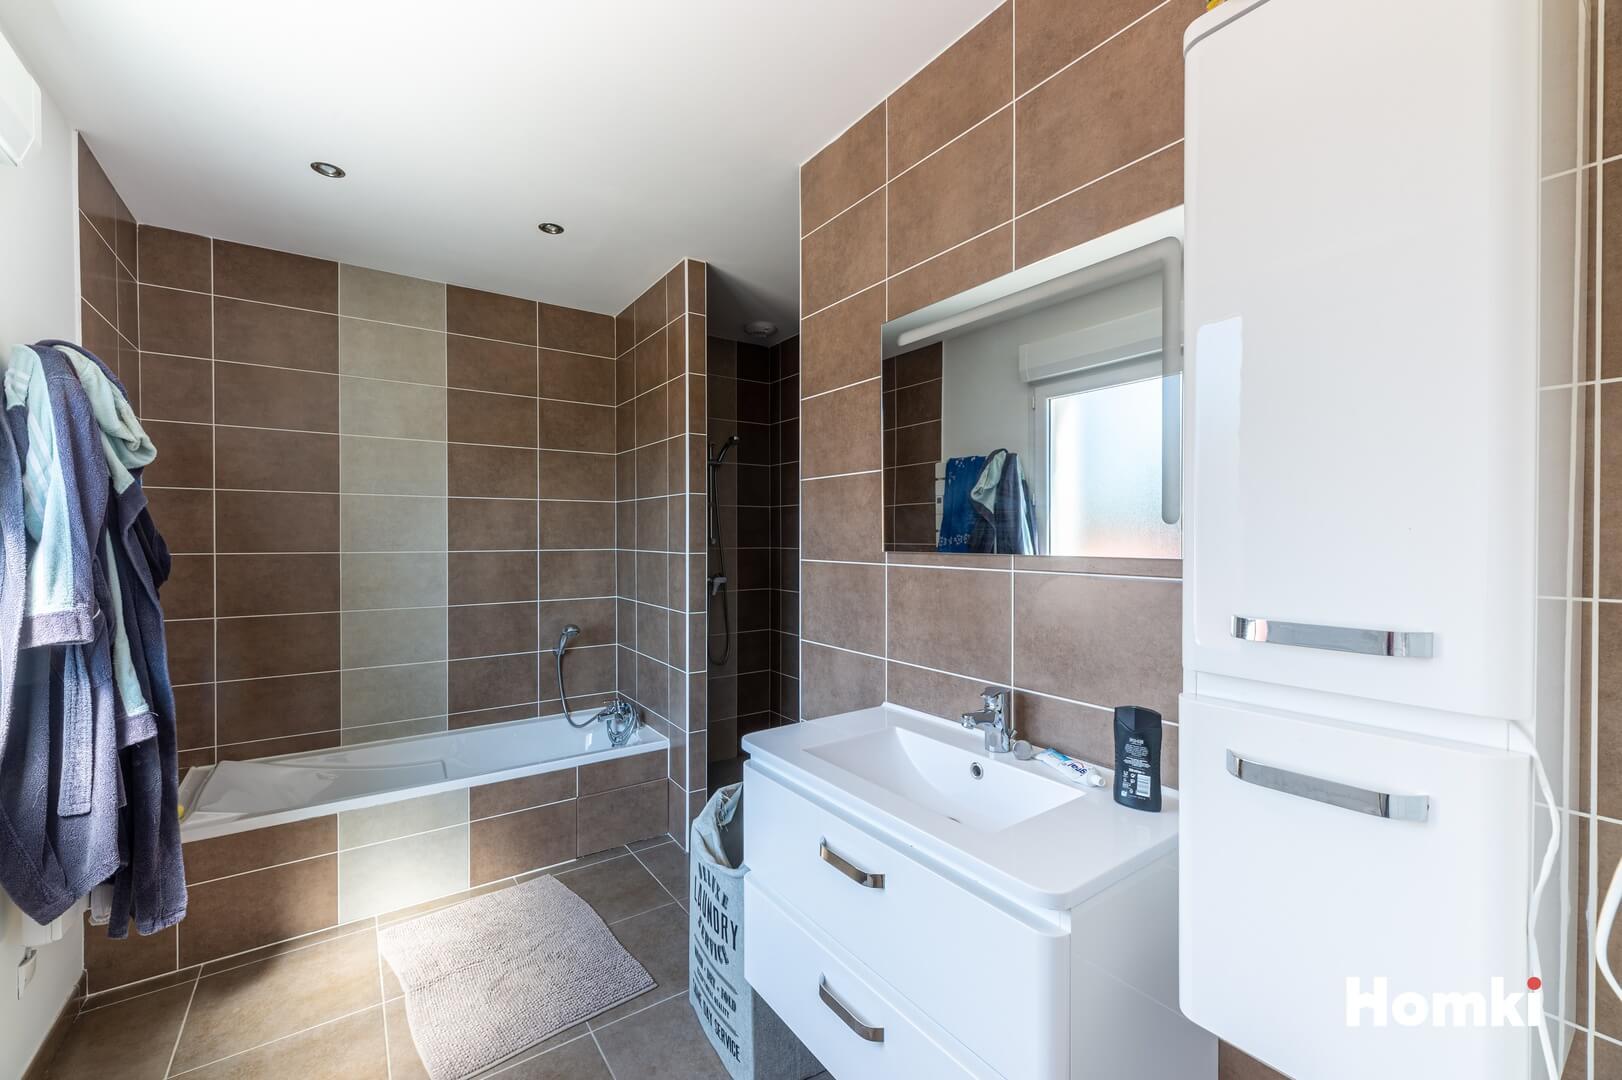 Homki - Vente Maison/villa  de 240.0 m² à Chavanoz 38230